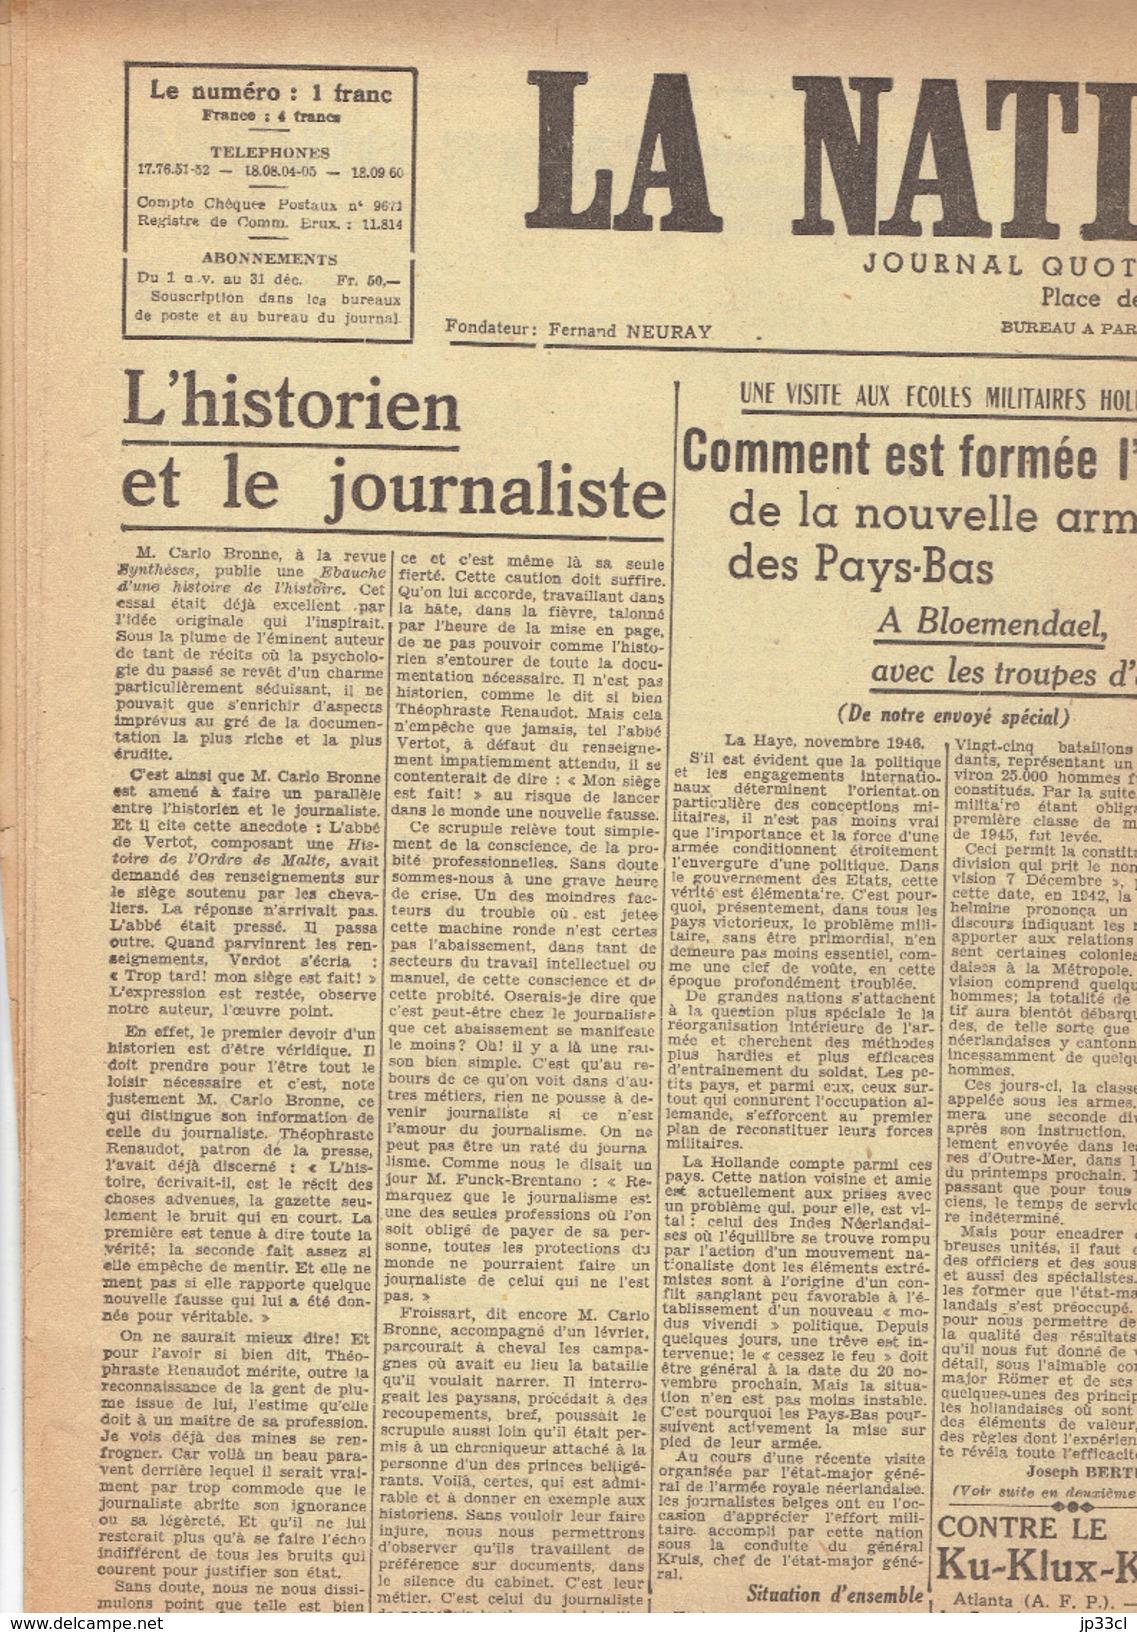 NATION BELGE 12/11/1946 MRP Bloemendael Grand Duché De Luxembourg Alfred Loritz Salazar Parc Duden Union Gérardin - Journaux - Quotidiens